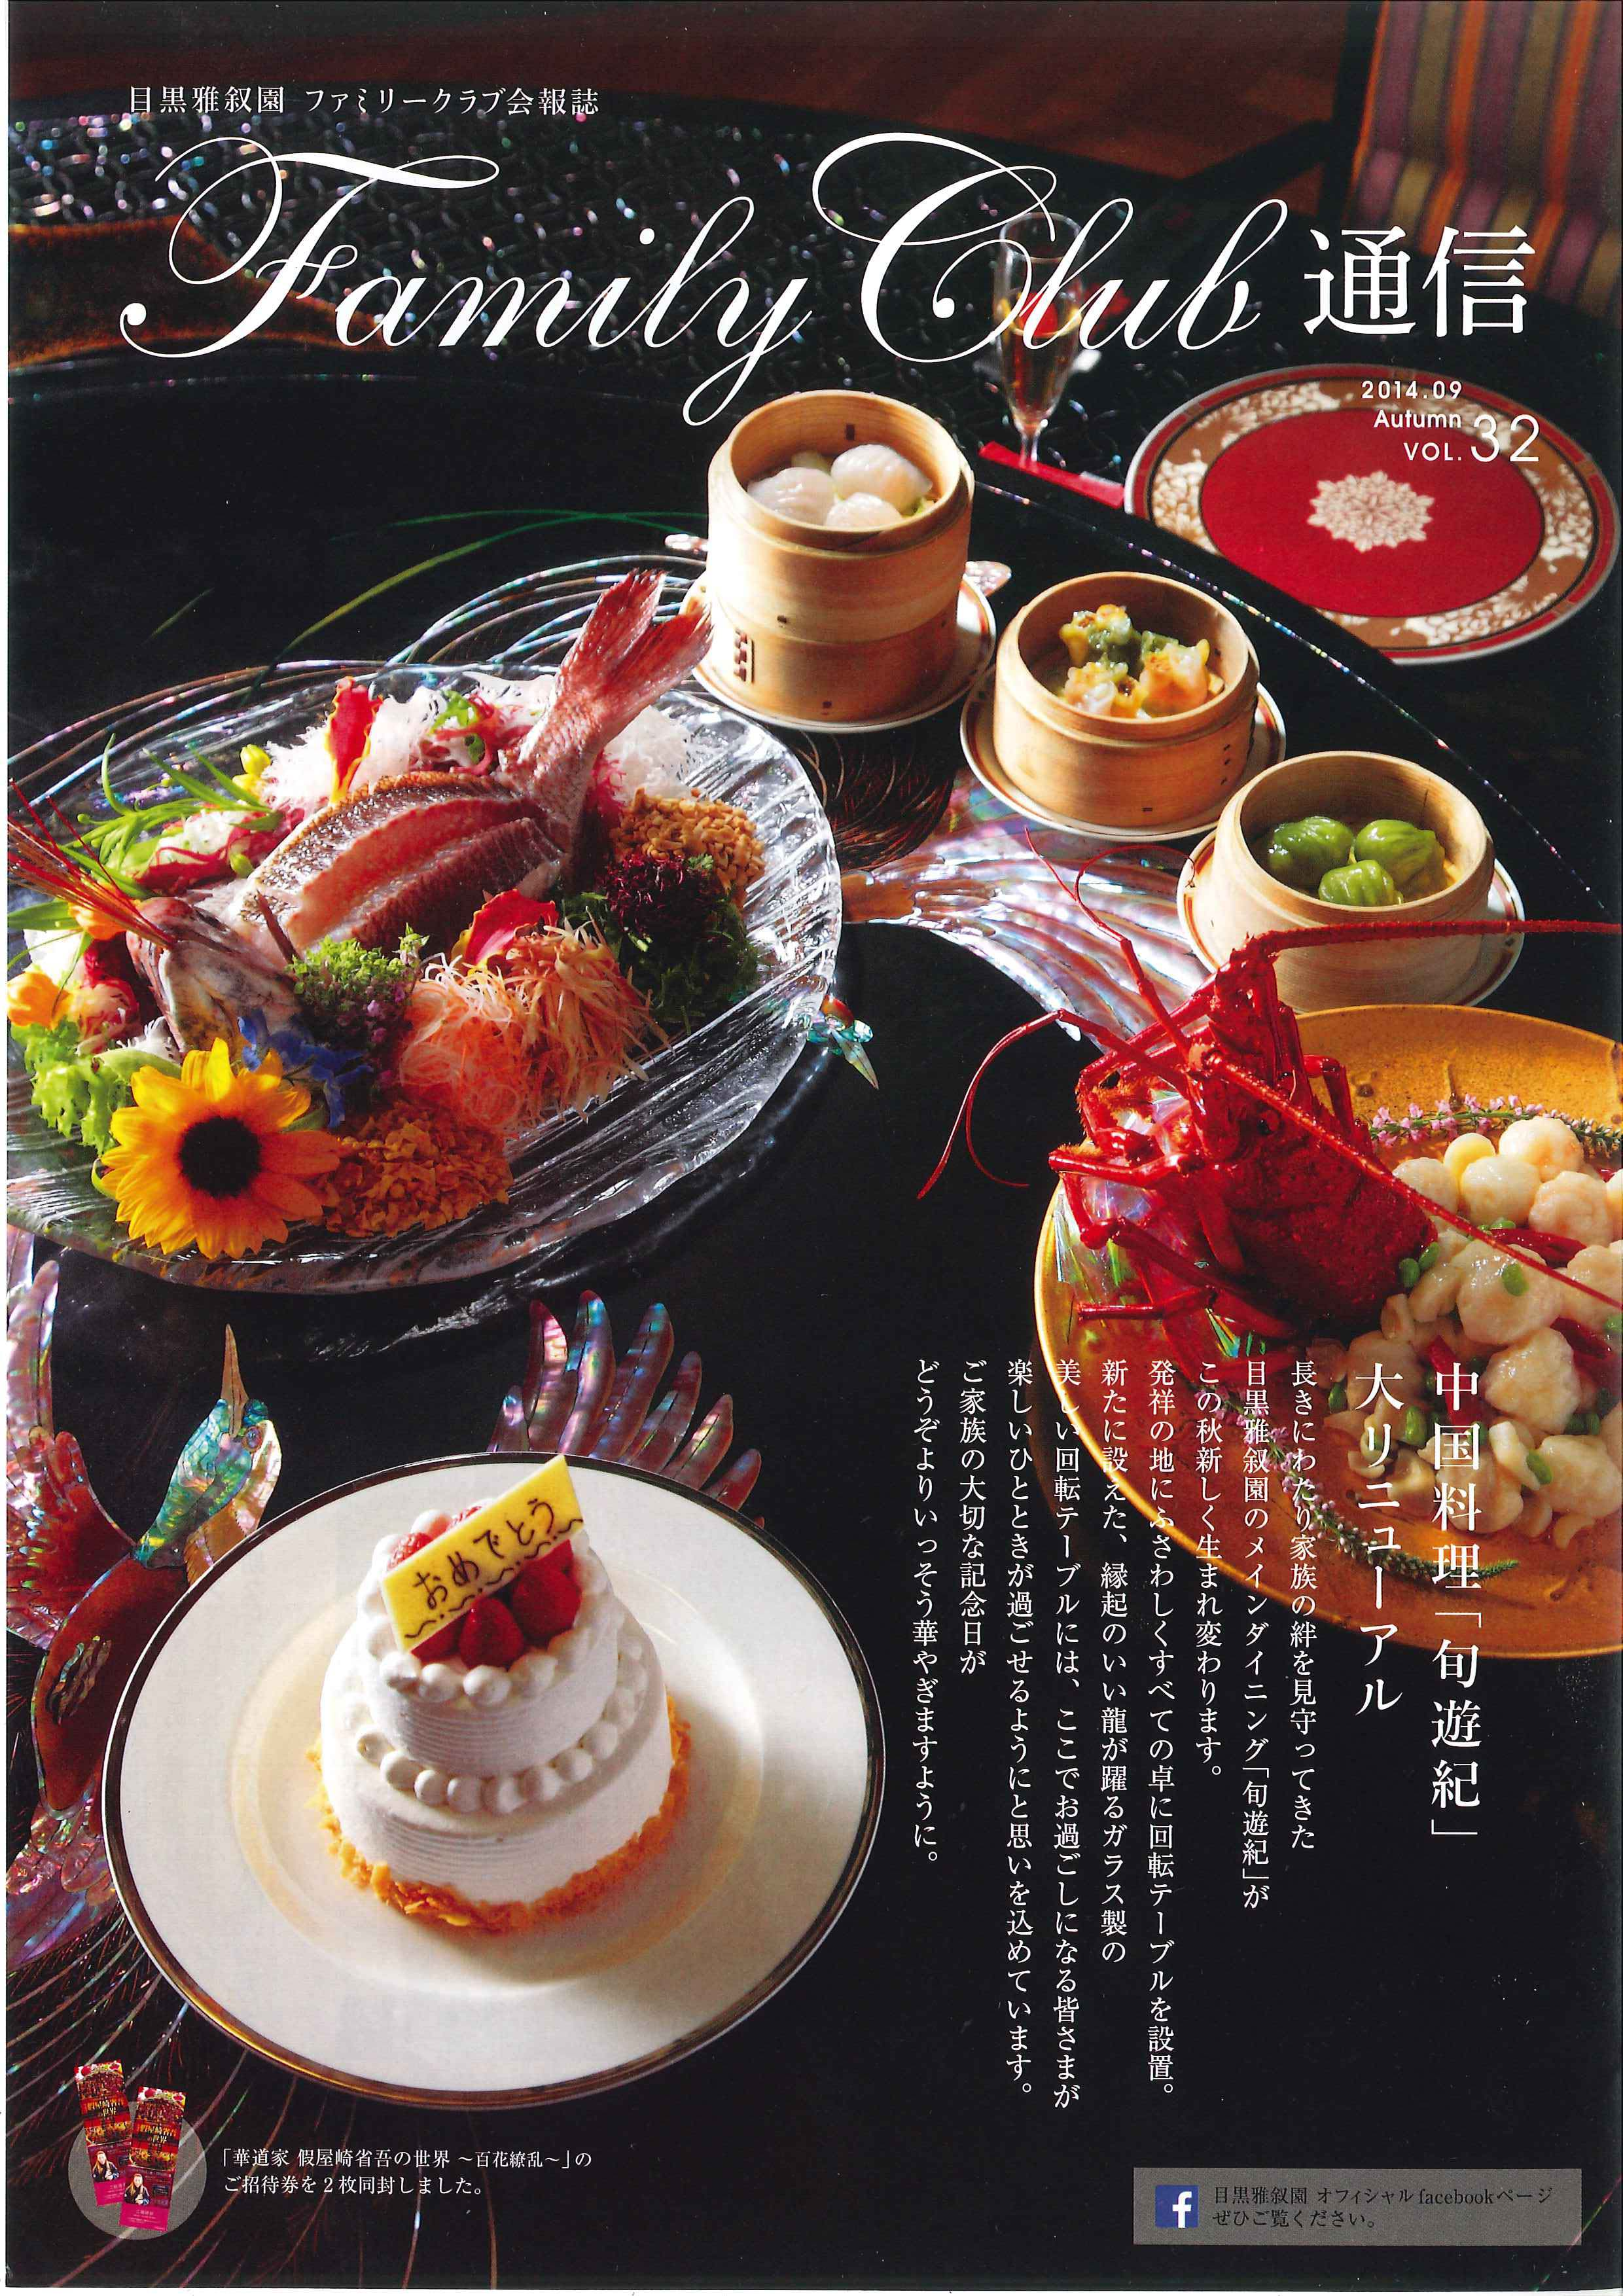 「Family Club 通信」2014.09 Autumn VOL.32